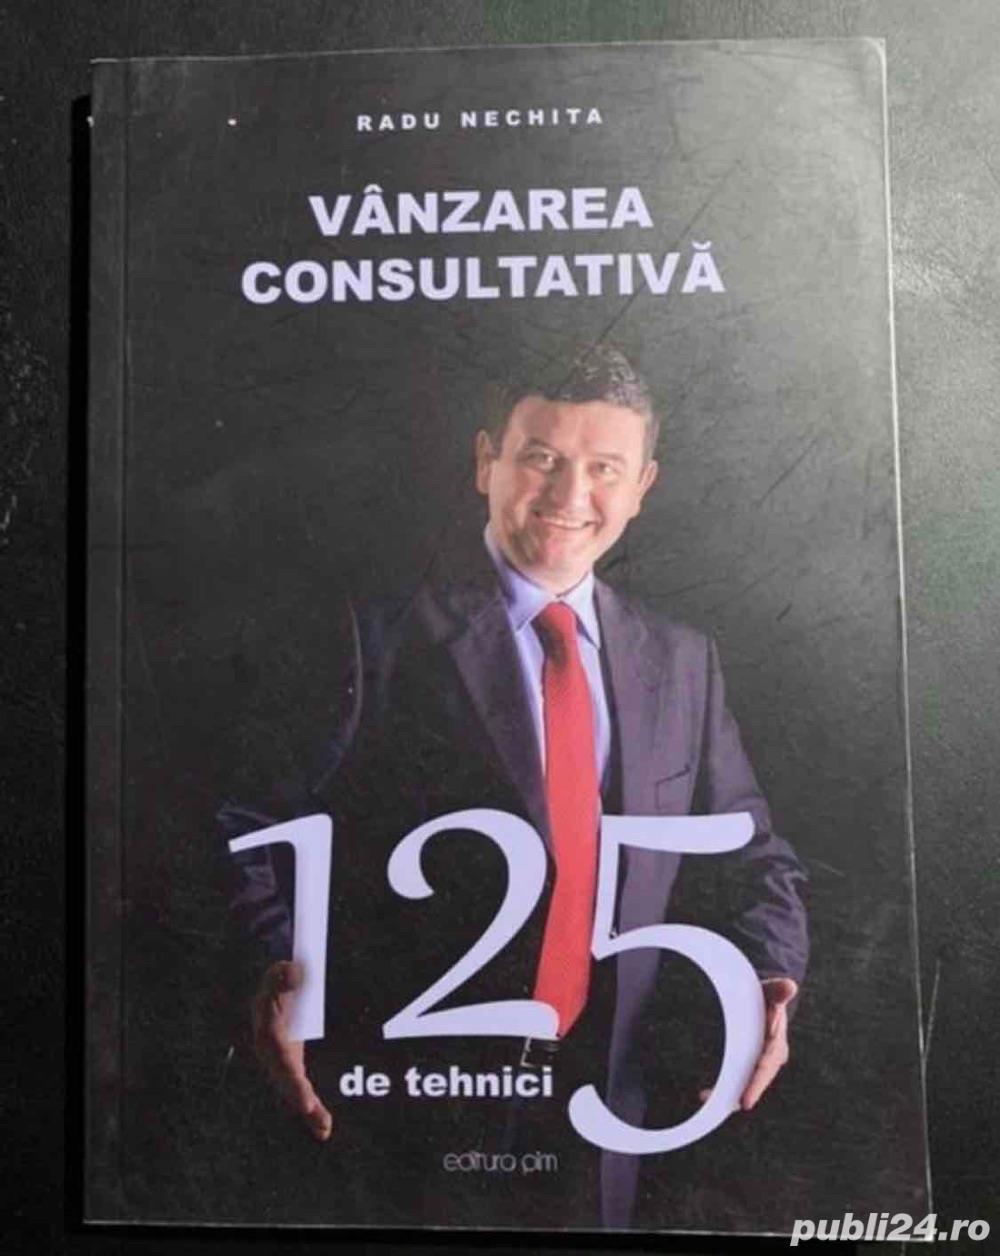 Vanzarea consultativa, Radu Nechita